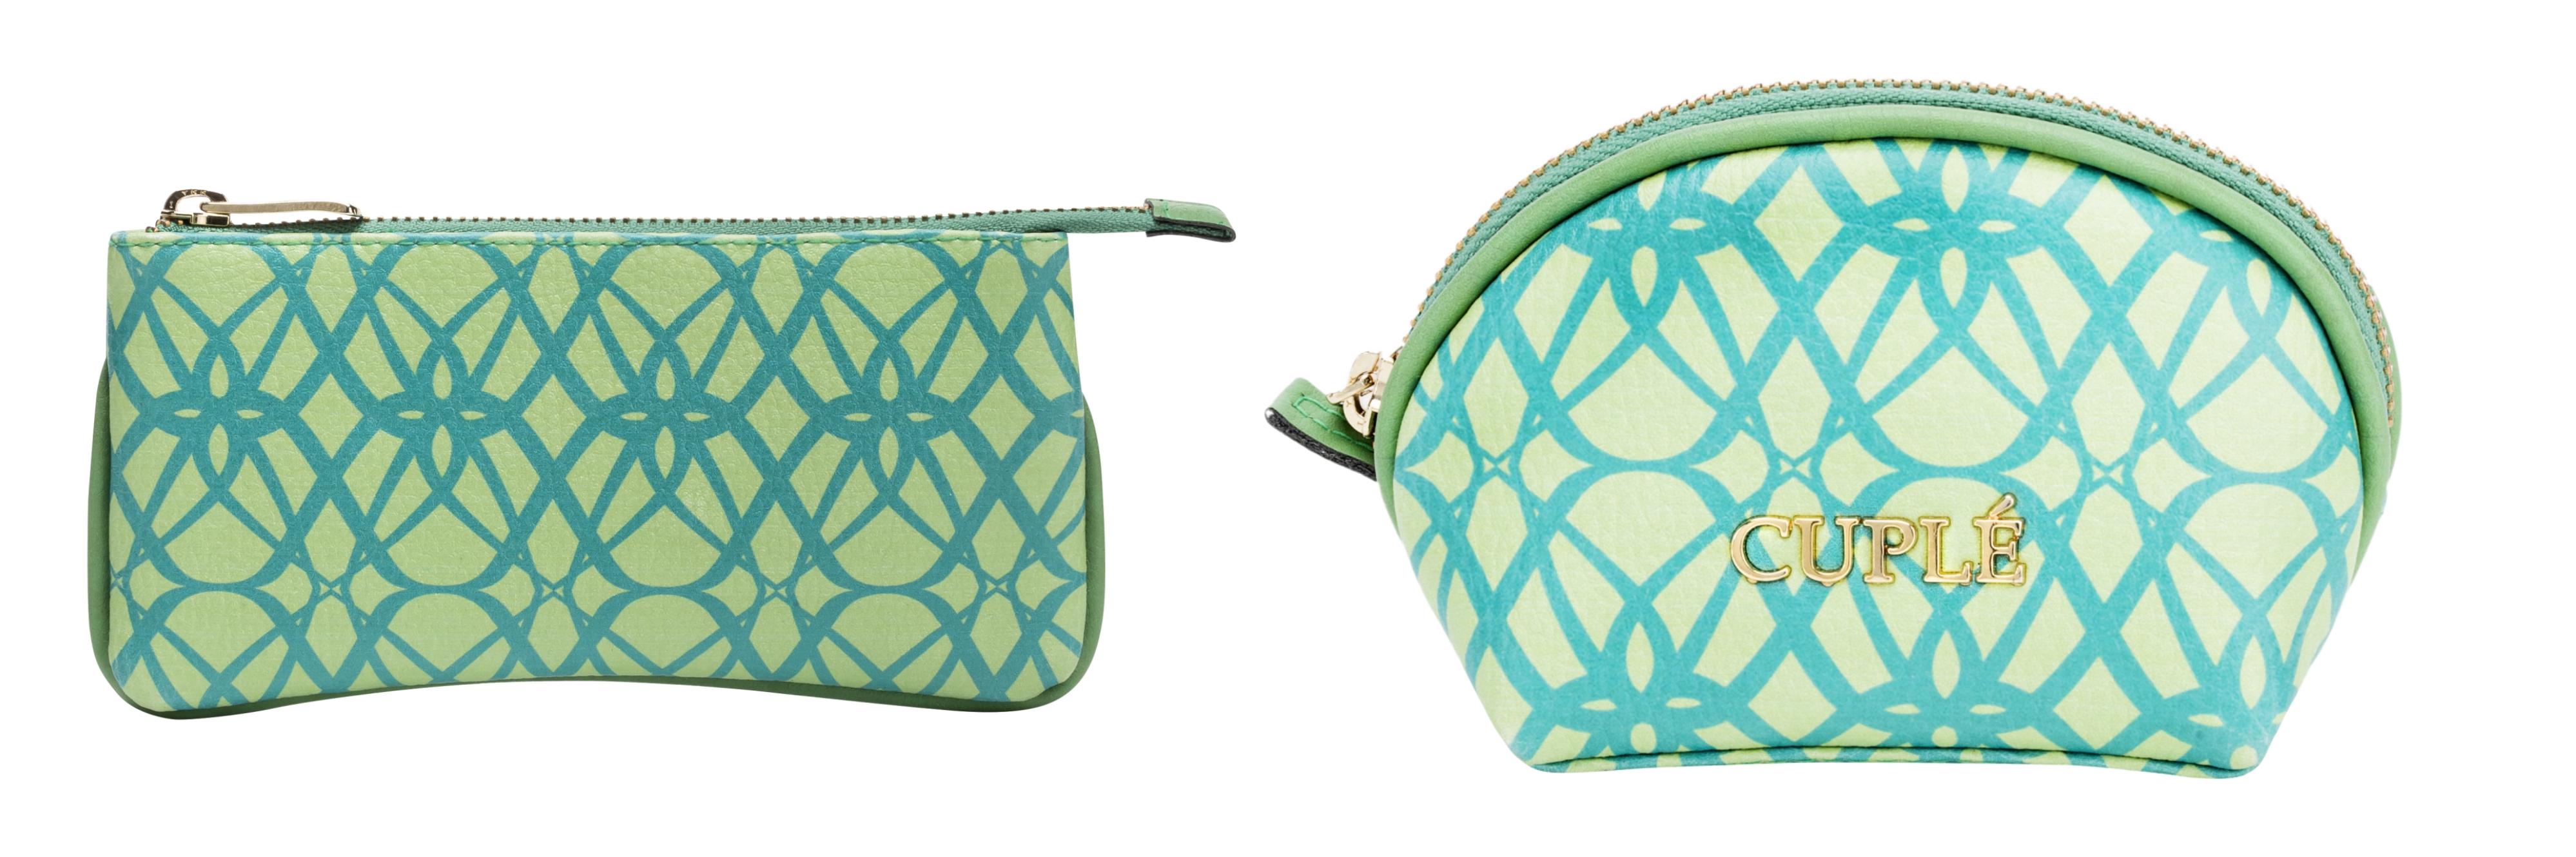 Jeff Bargues diseña los zapatos y bolsos de Cuplé esta temporada - image cuple-vanidad2 on https://www.vanidad.es